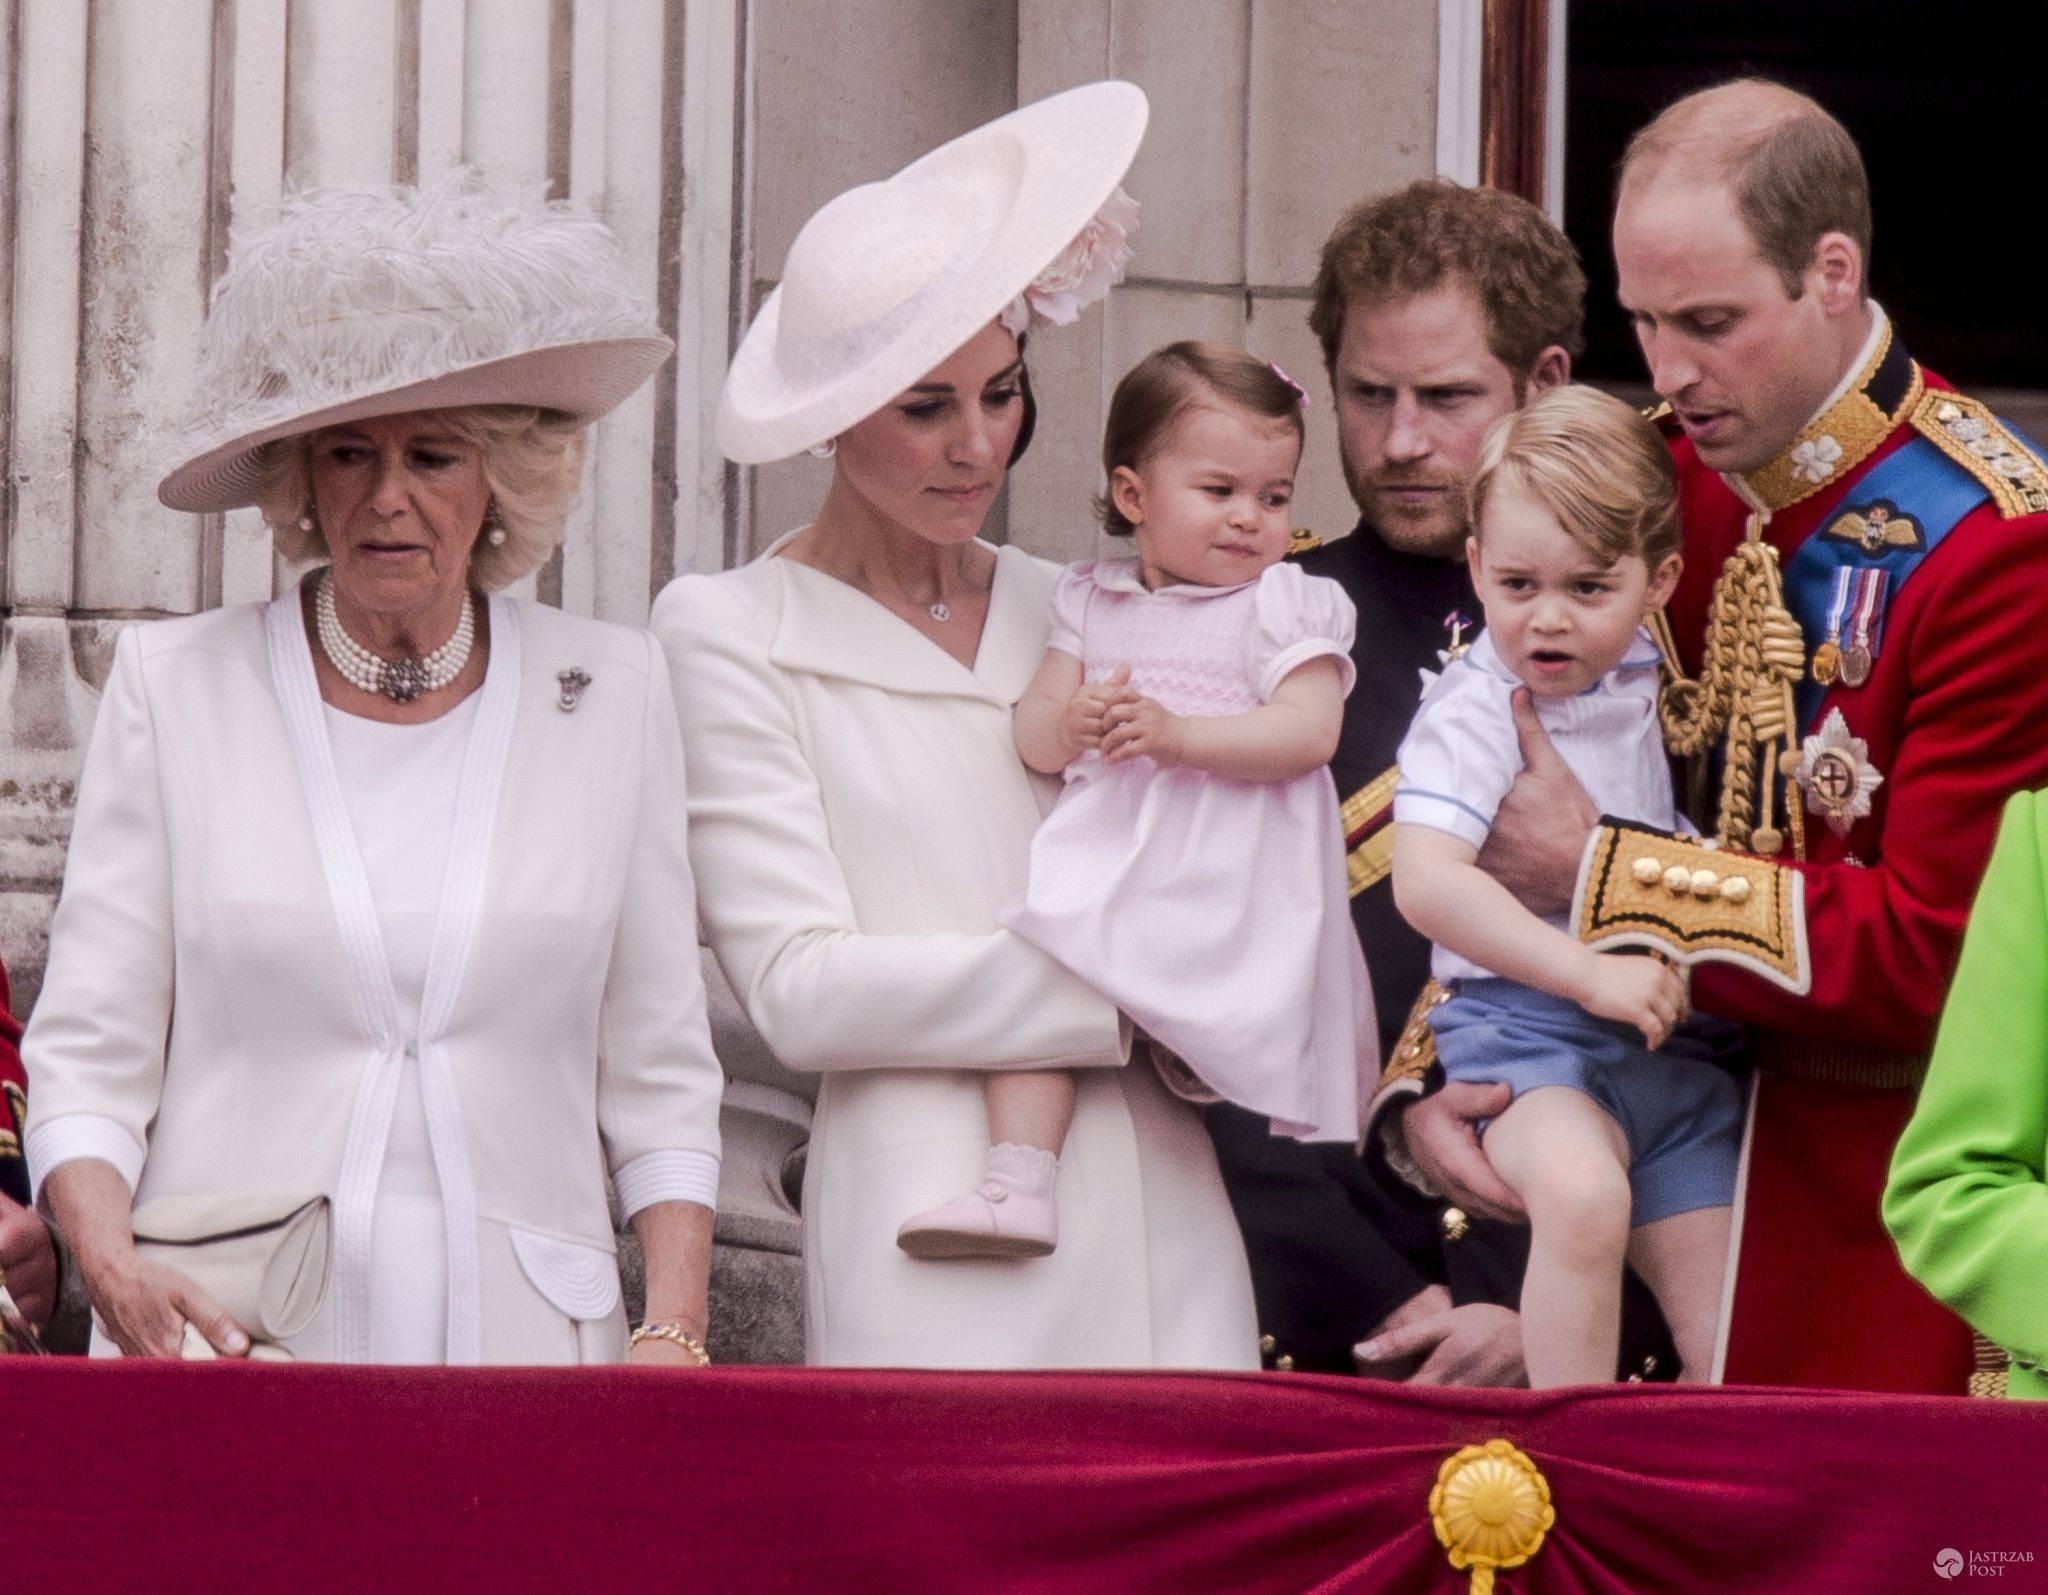 Księżna Camilla, księżna Kate, księżniczka Charlotte, książę Harry, książę George, książę William (fot. ONS)